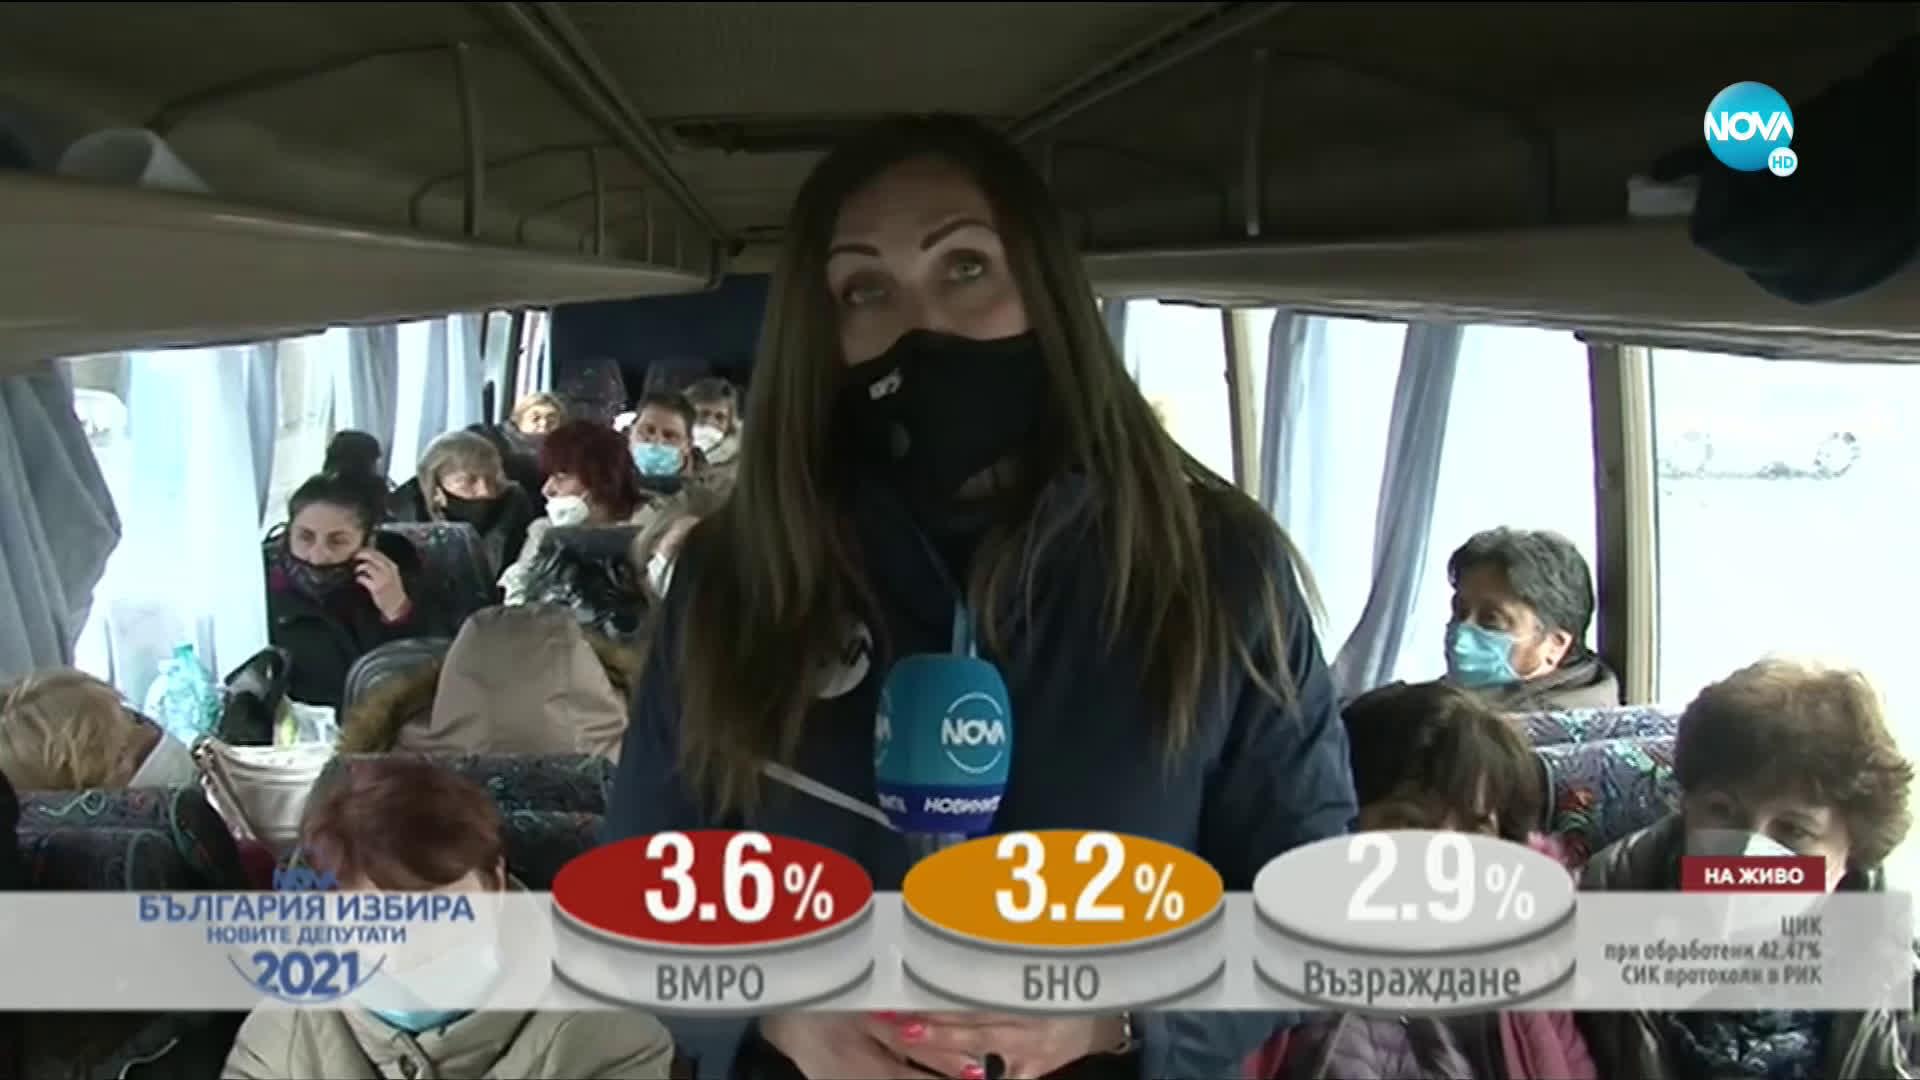 Десетки автобуси с членове на СИК изчакват с часове на Морската гара в Бургас